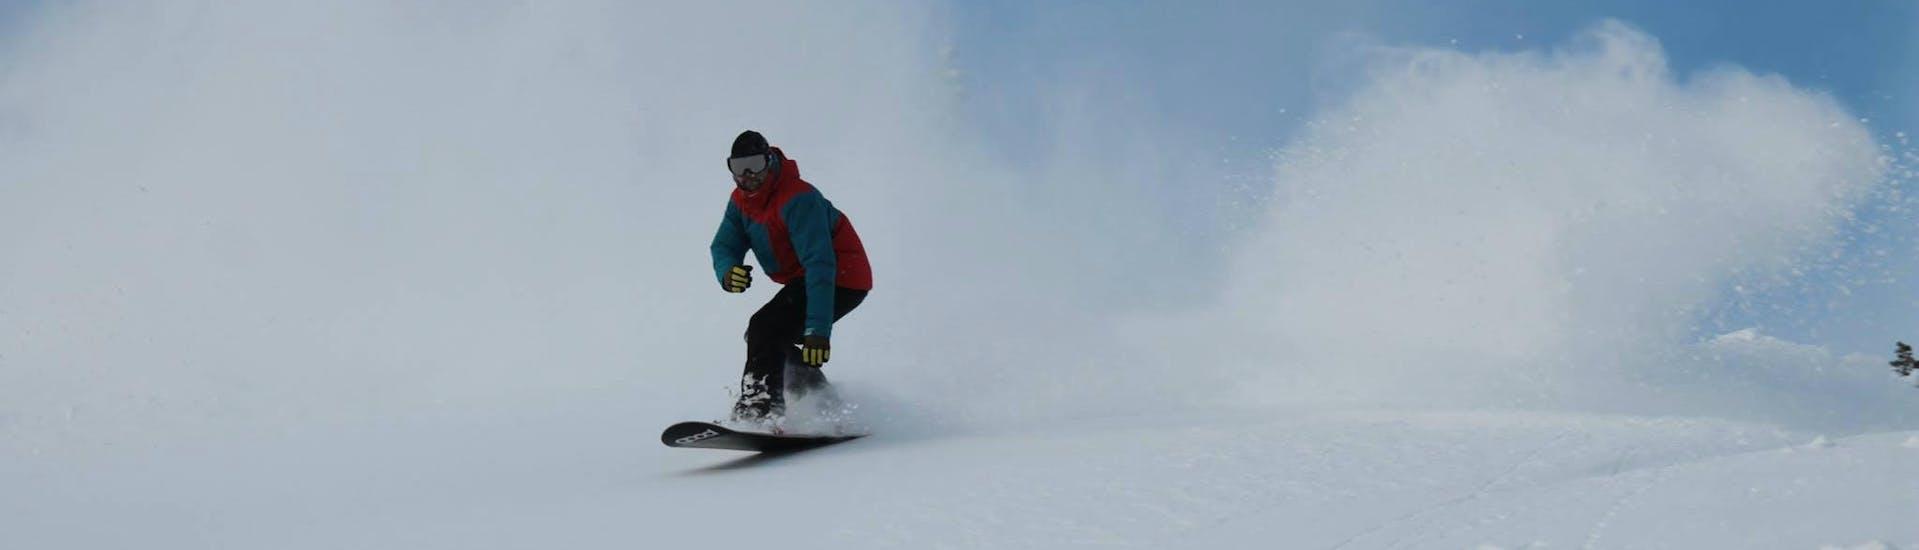 Snowboardkurs für Fortgeschrittene